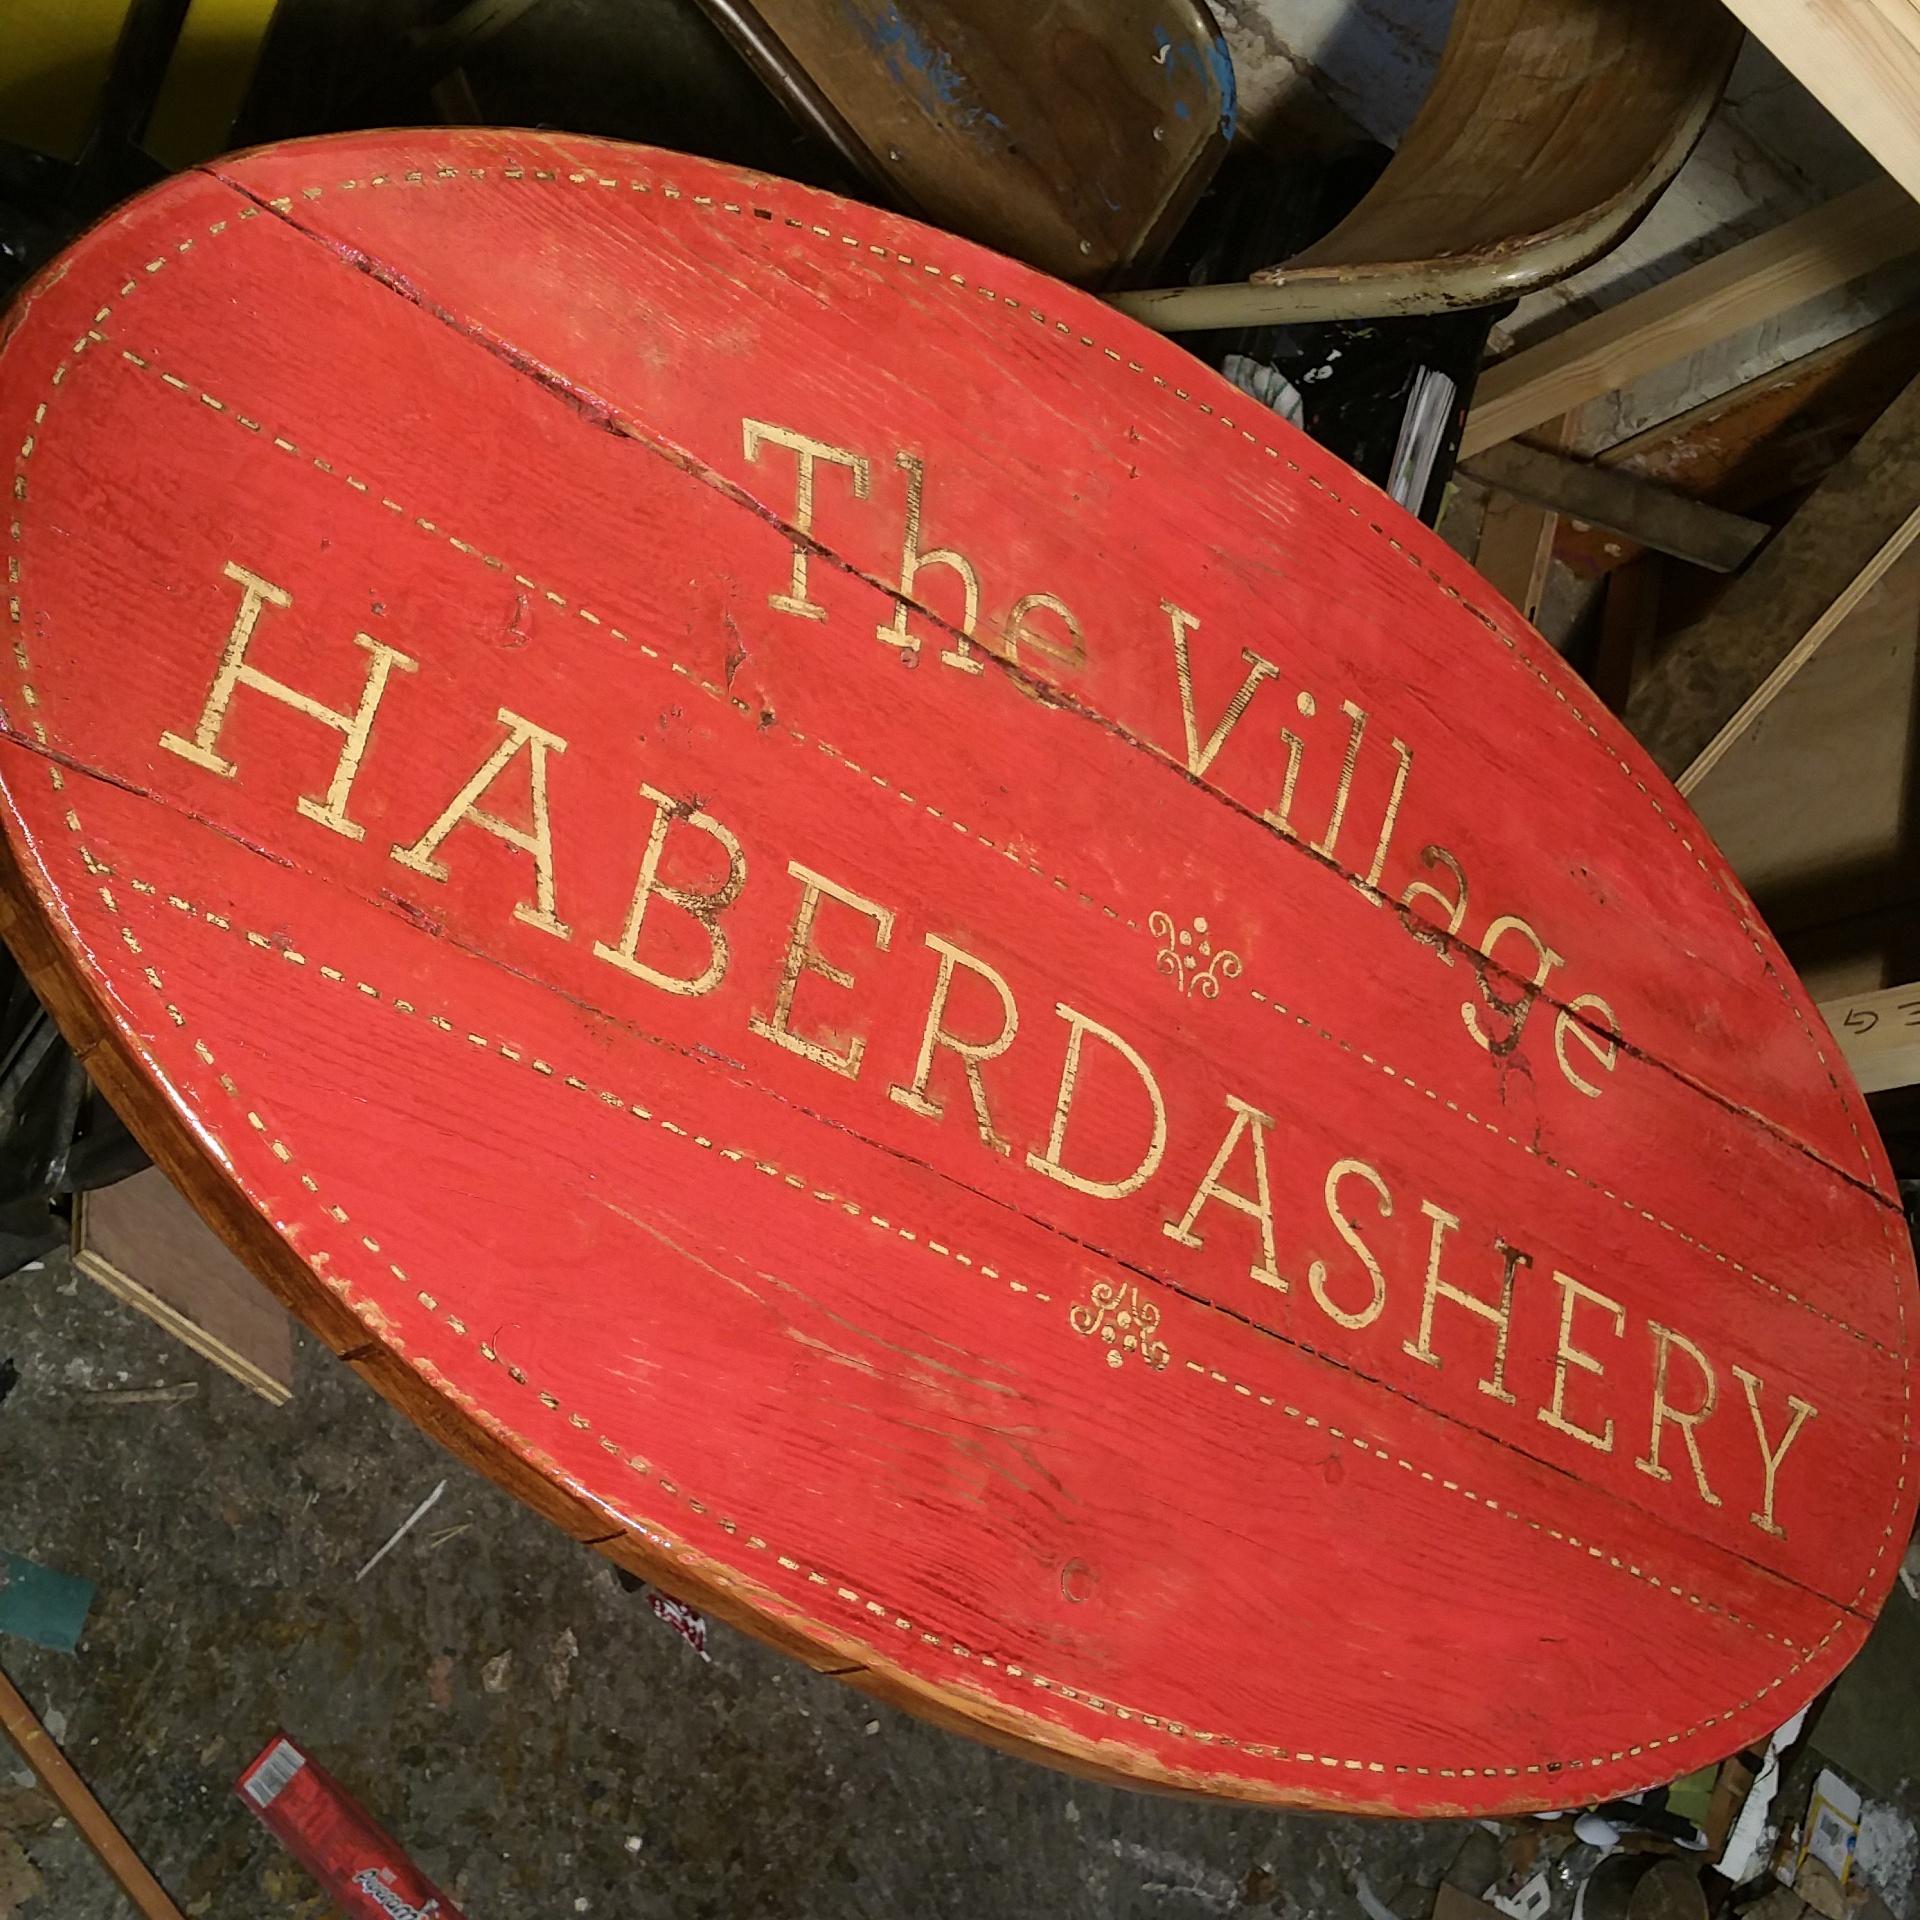 The Village Haberdashery